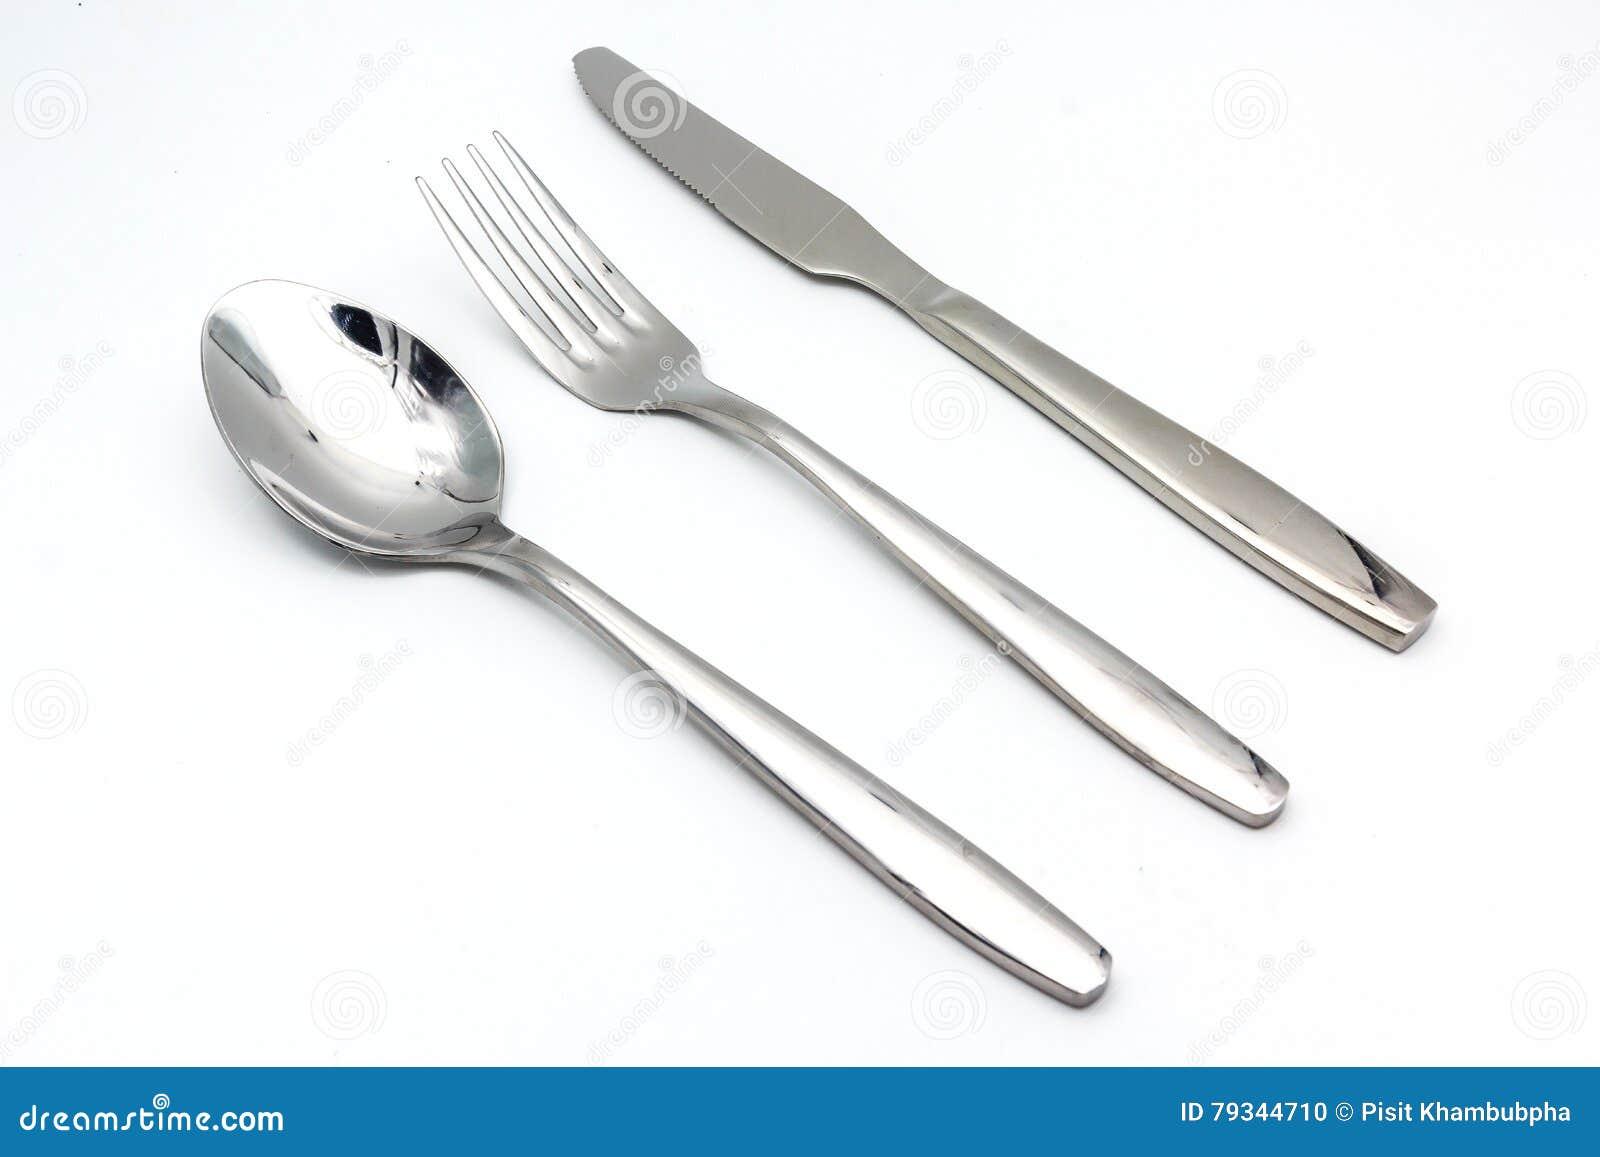 Μαχαιροπήρουνα που τίθενται με το δίκρανο, το μαχαίρι και το κουτάλι που απομονώνονται στο άσπρο υπόβαθρο